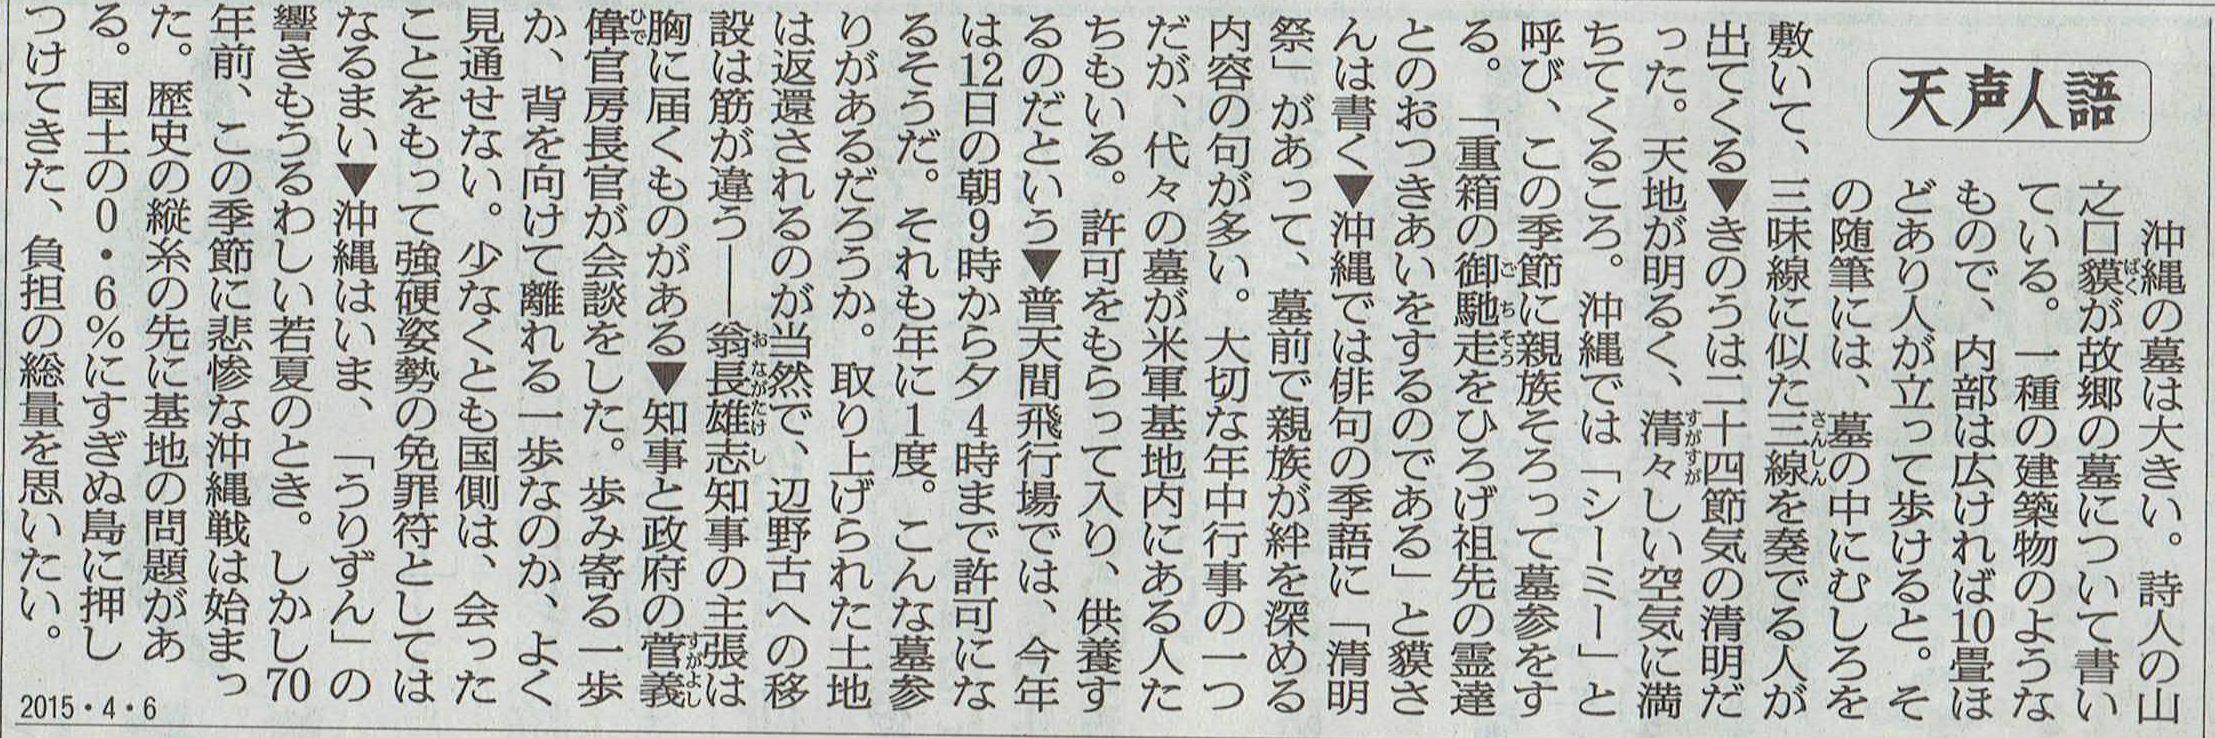 2015年4月6日 乙戸沼公園さくら その9_d0249595_774832.jpg